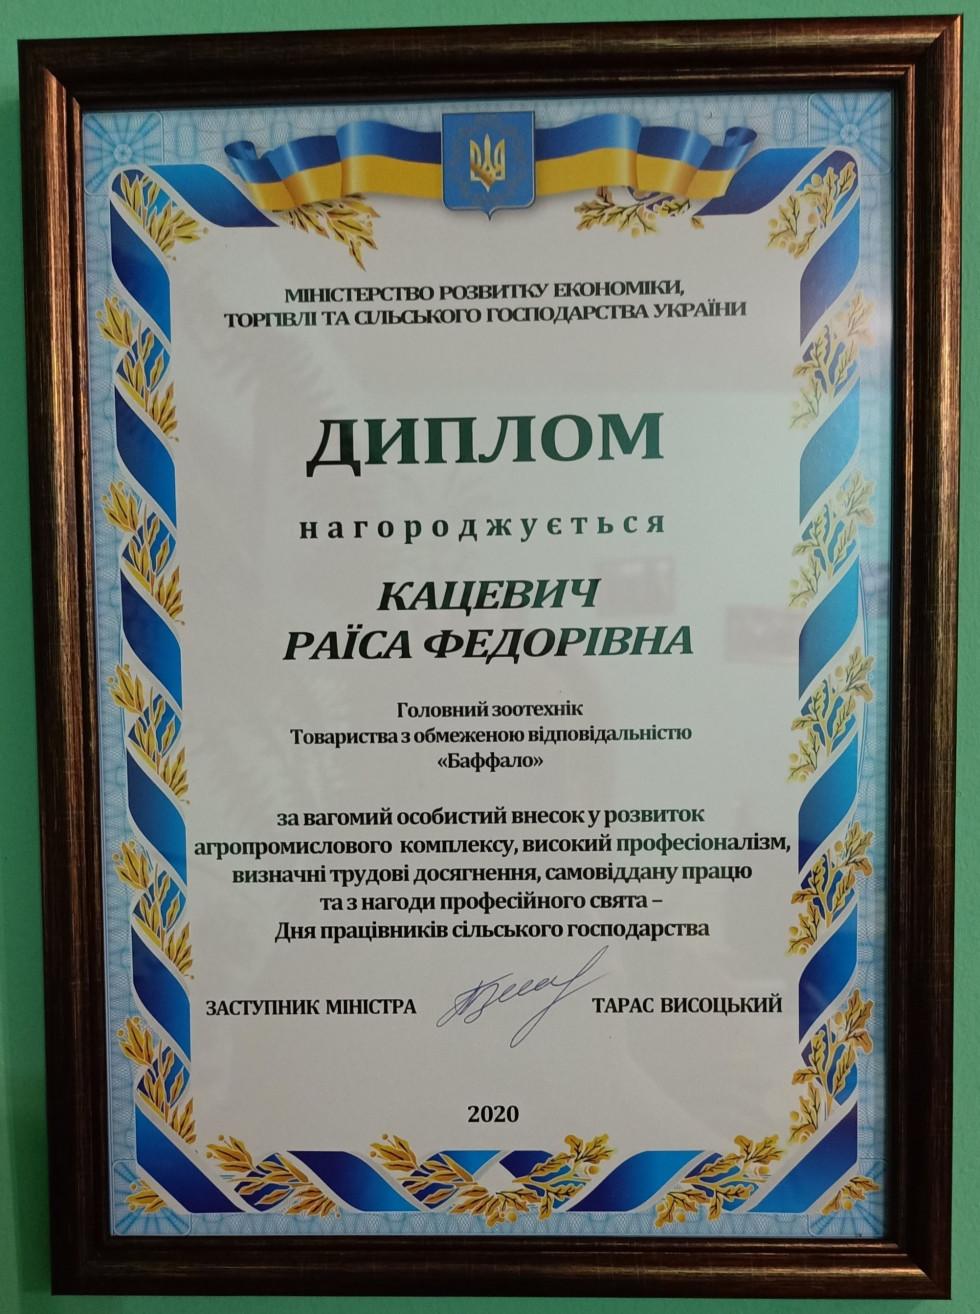 Минулого року Раїса Федорівна отримала диплом від міністерства